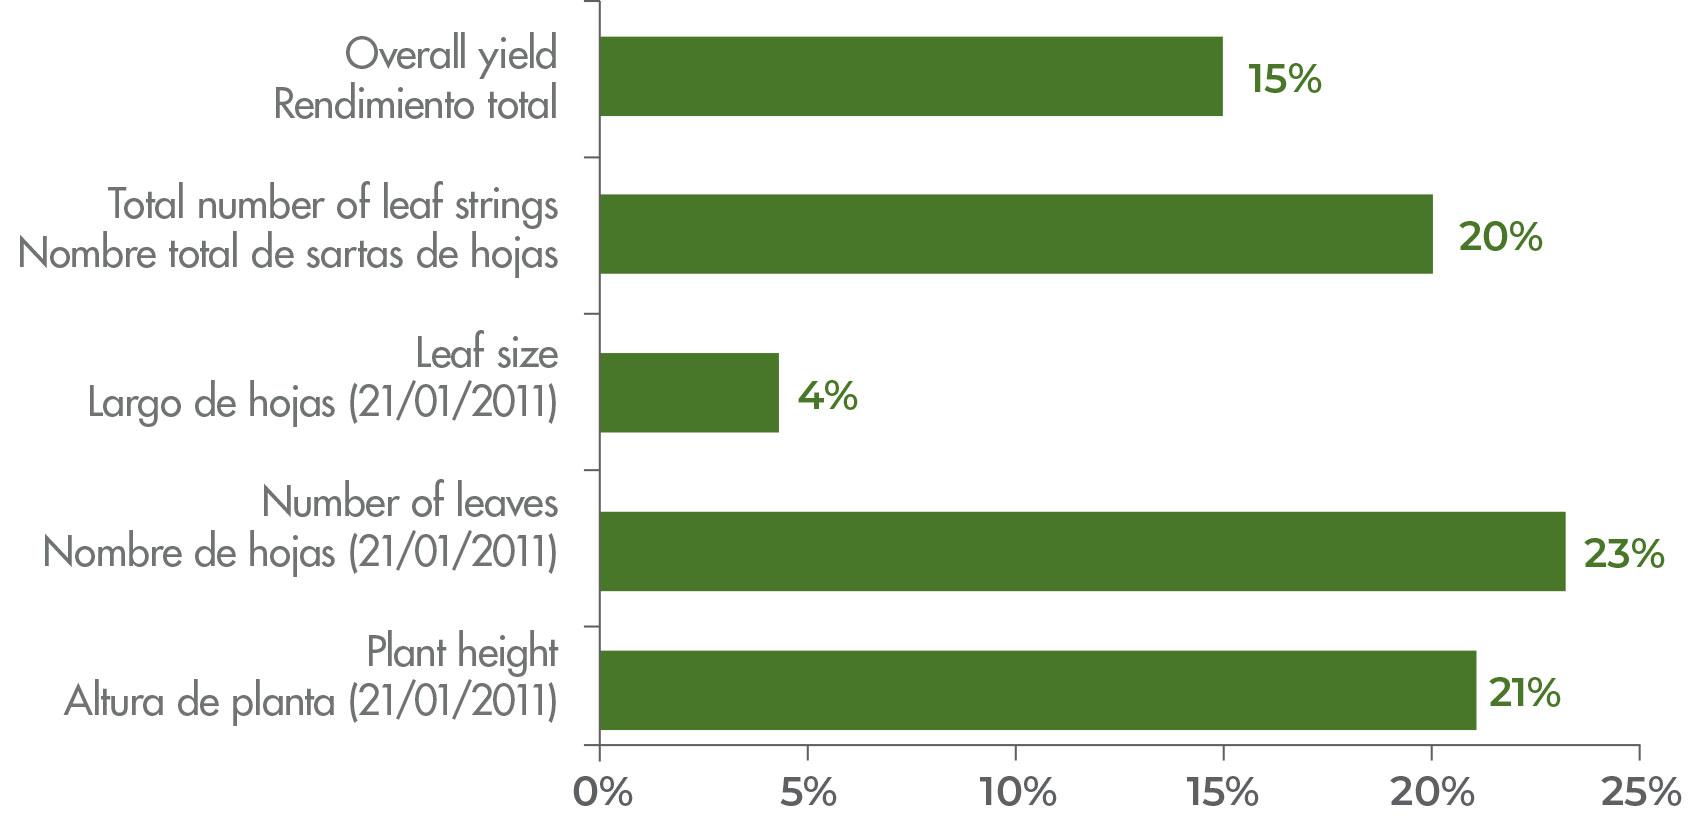 Aumenta el rendimiento (%) y crecimiento del tabaco como resultado del lado SQM, con aplicación de regadores y tratamiento soluble de NVE versus el tabaco con tratamiento de fertilizantes granulados aplicado de la mano de los productores.